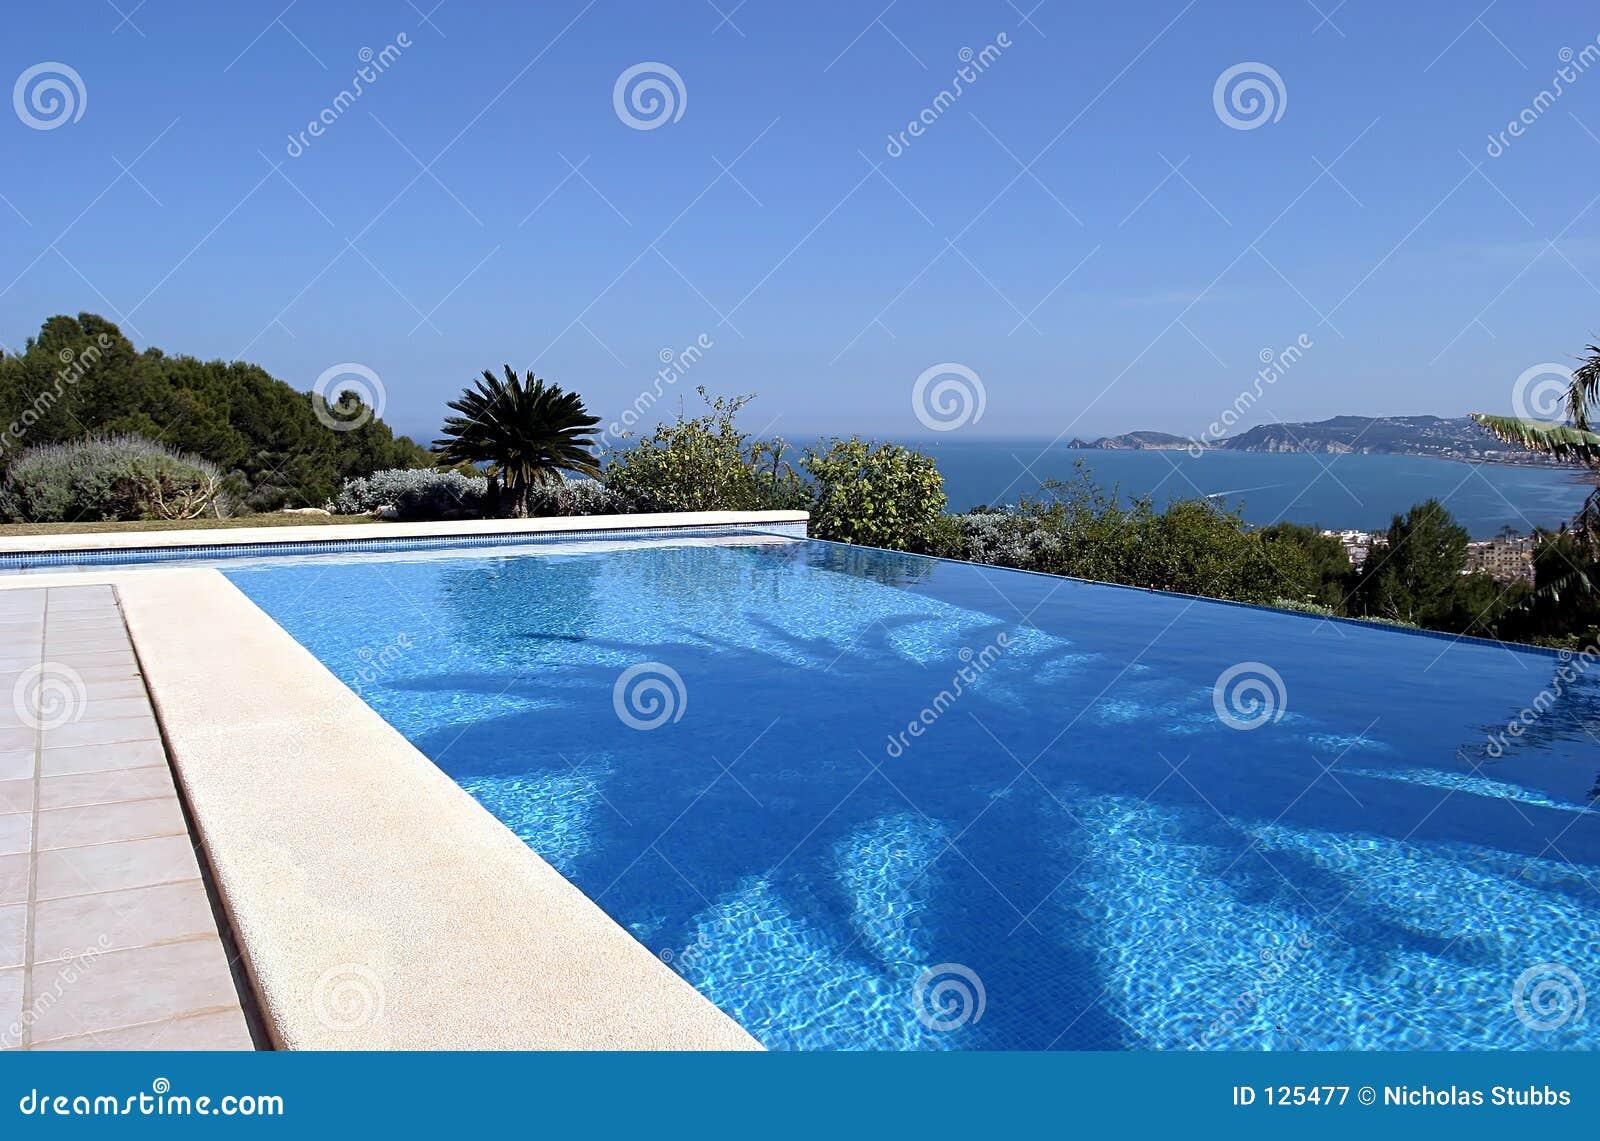 Bella piscina fresca blu di infinità in una villa in Spagna piena di sole con le viste del mare